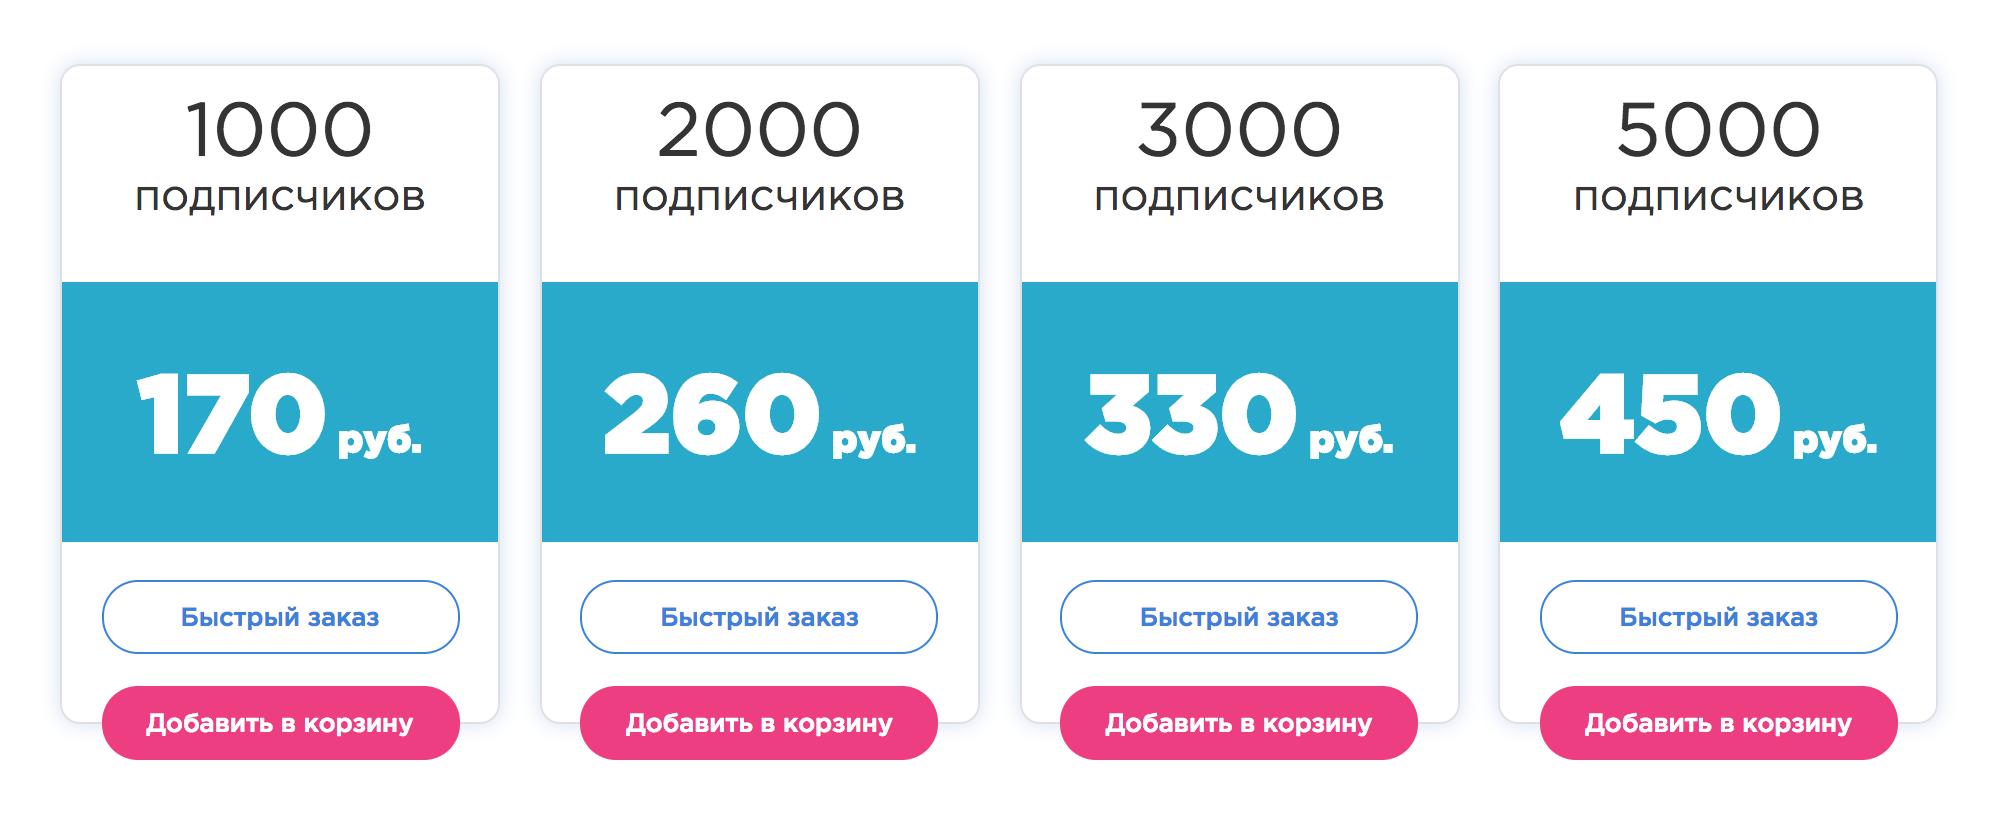 100 бесплатных лайков в инстаграме